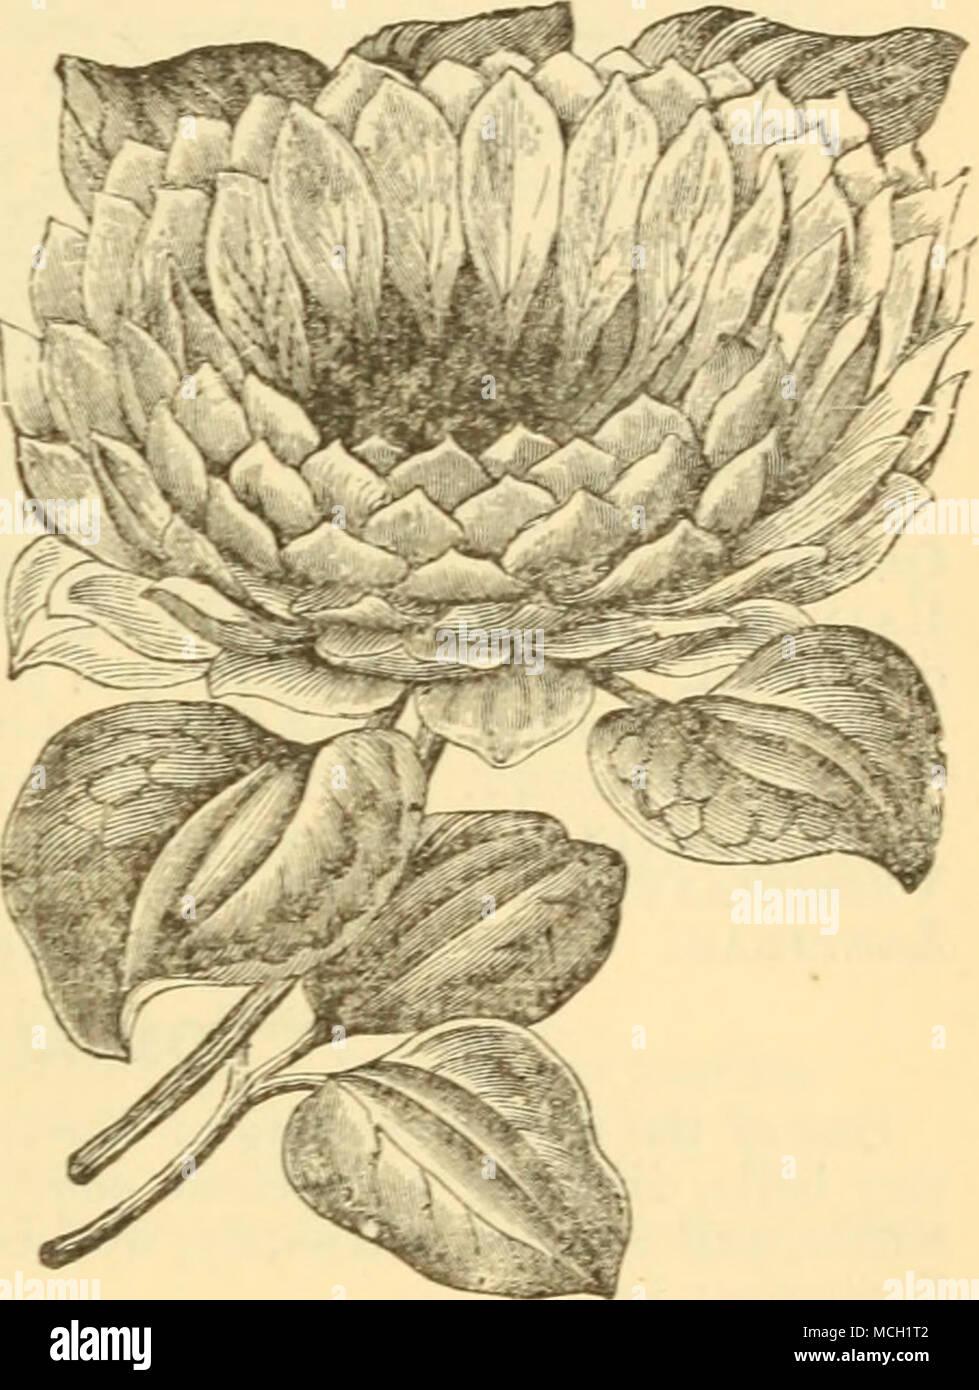 Campsidium Filicifolium Un Elegante Citeus Maxdakix El Favorito